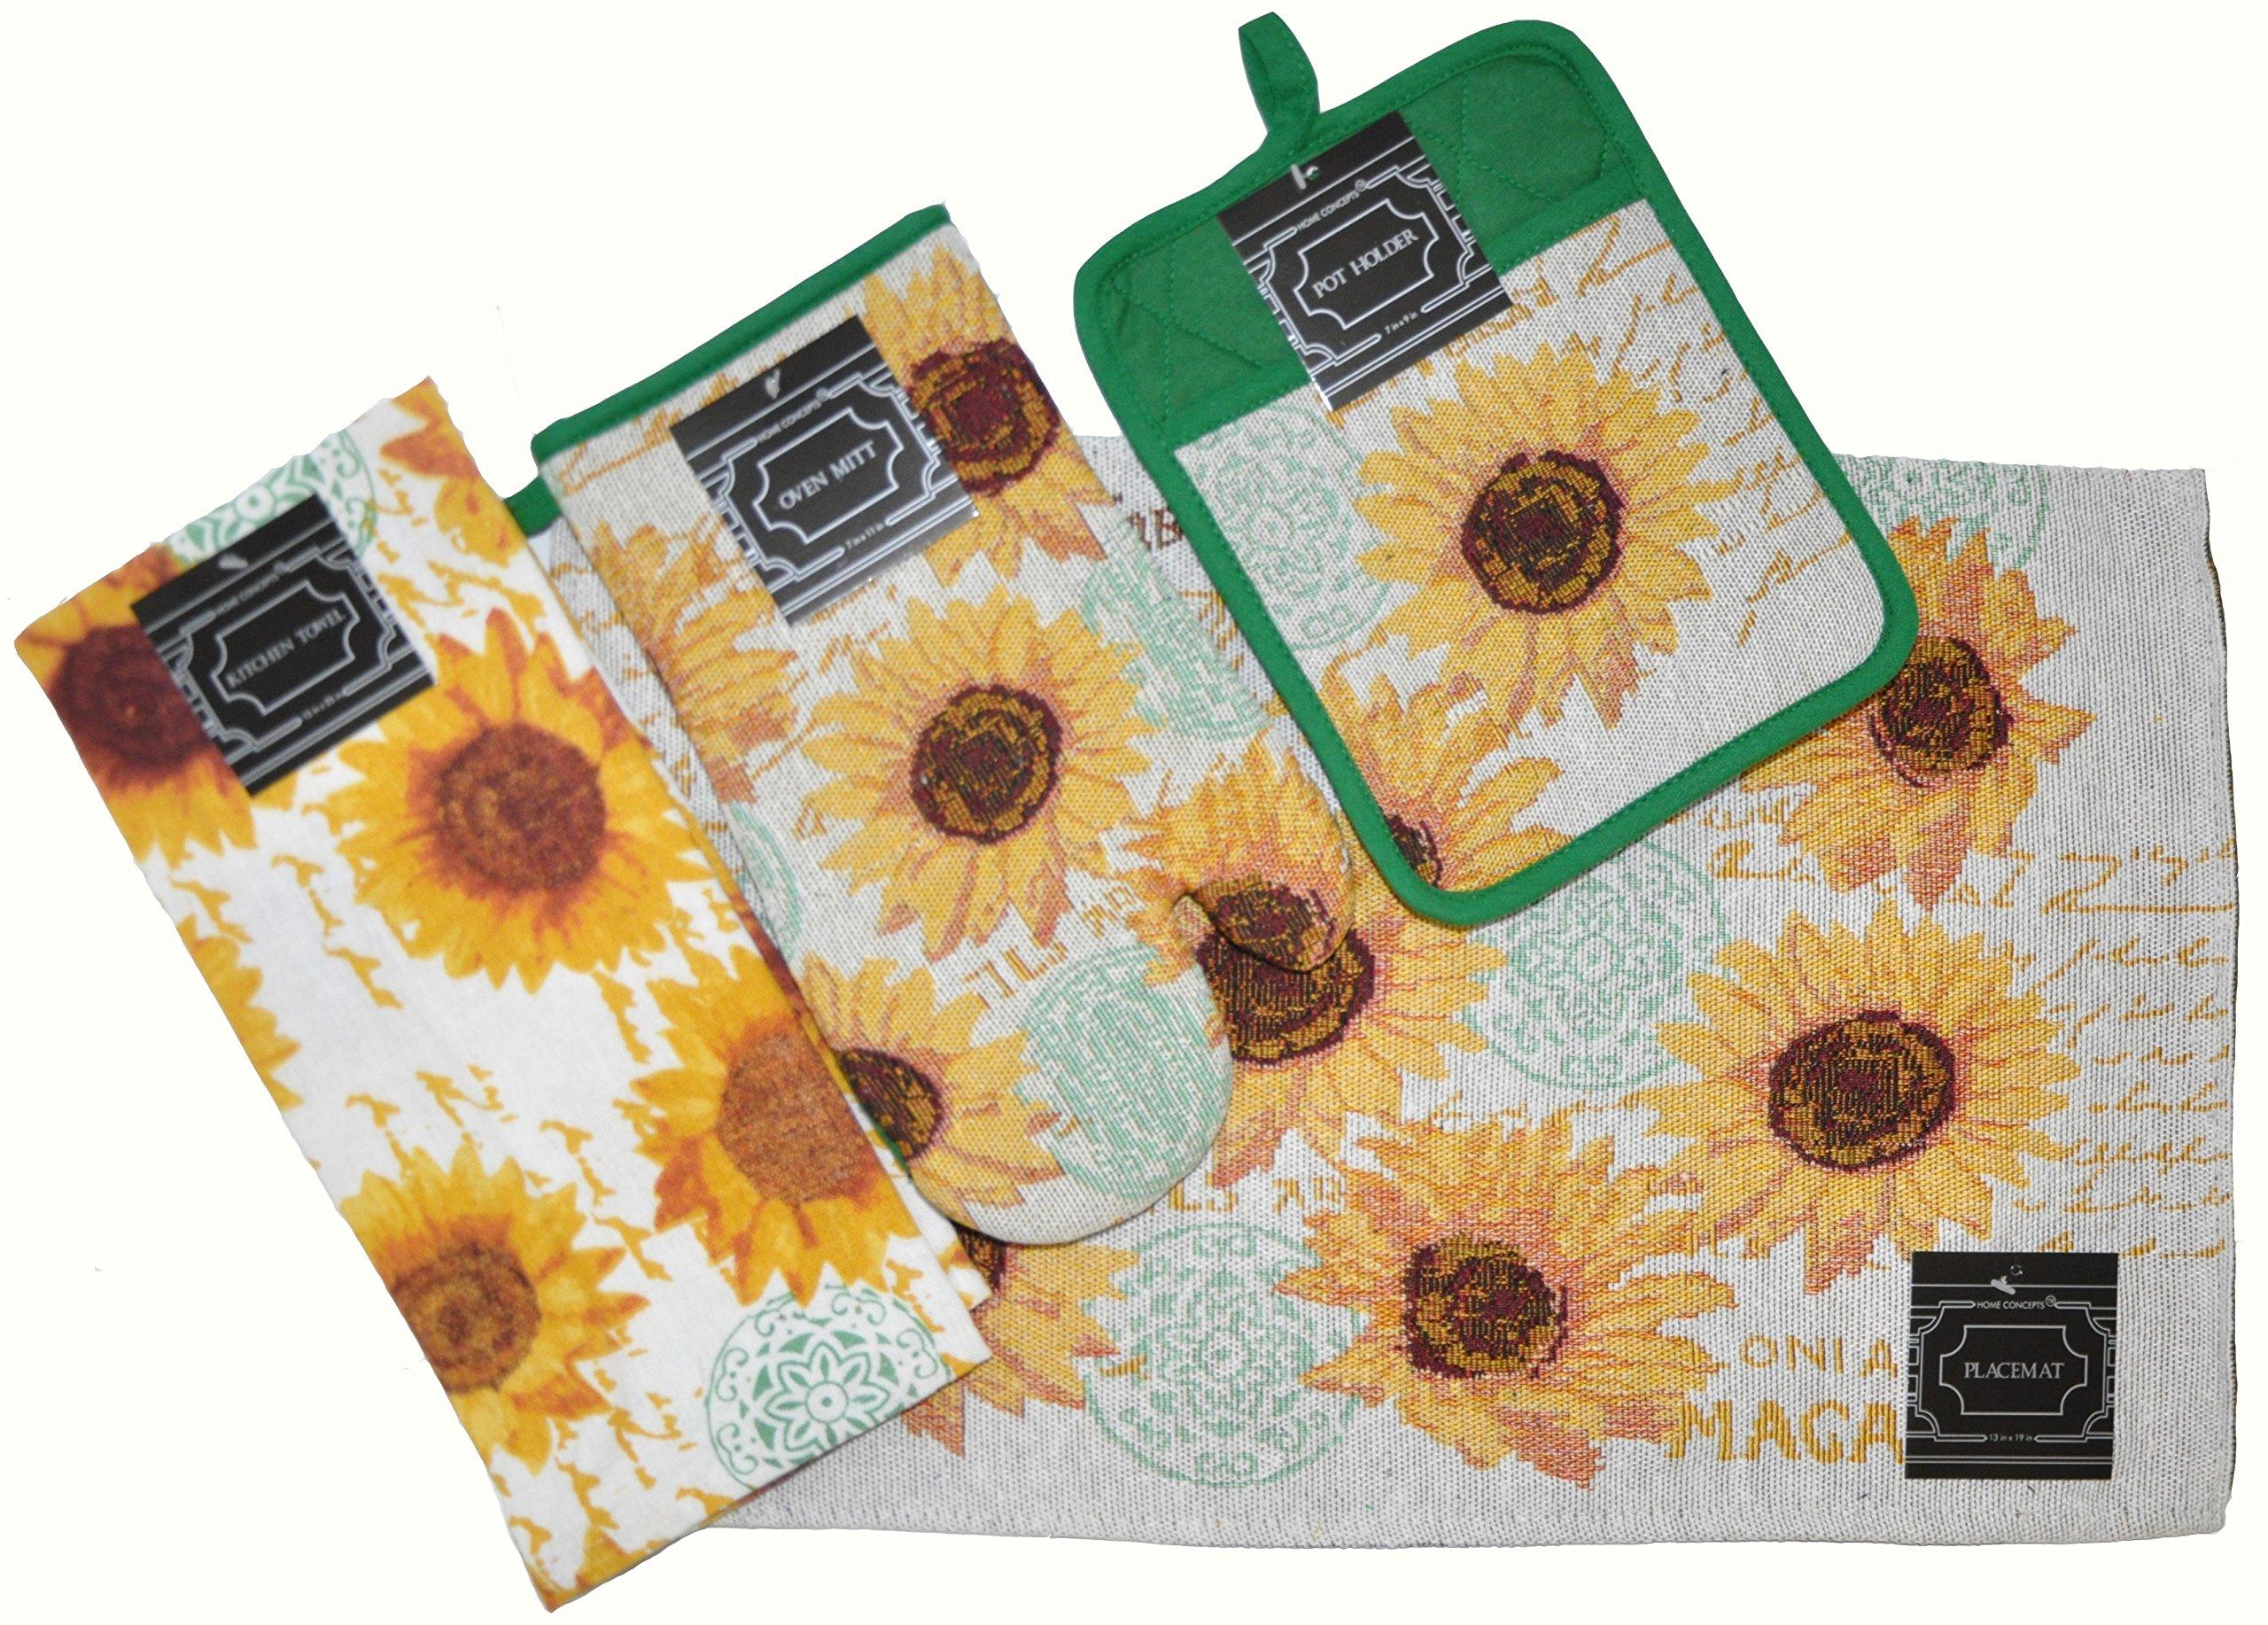 Cheap Kitchen Sunflower Find Kitchen Sunflower Deals On Line At Alibaba Com